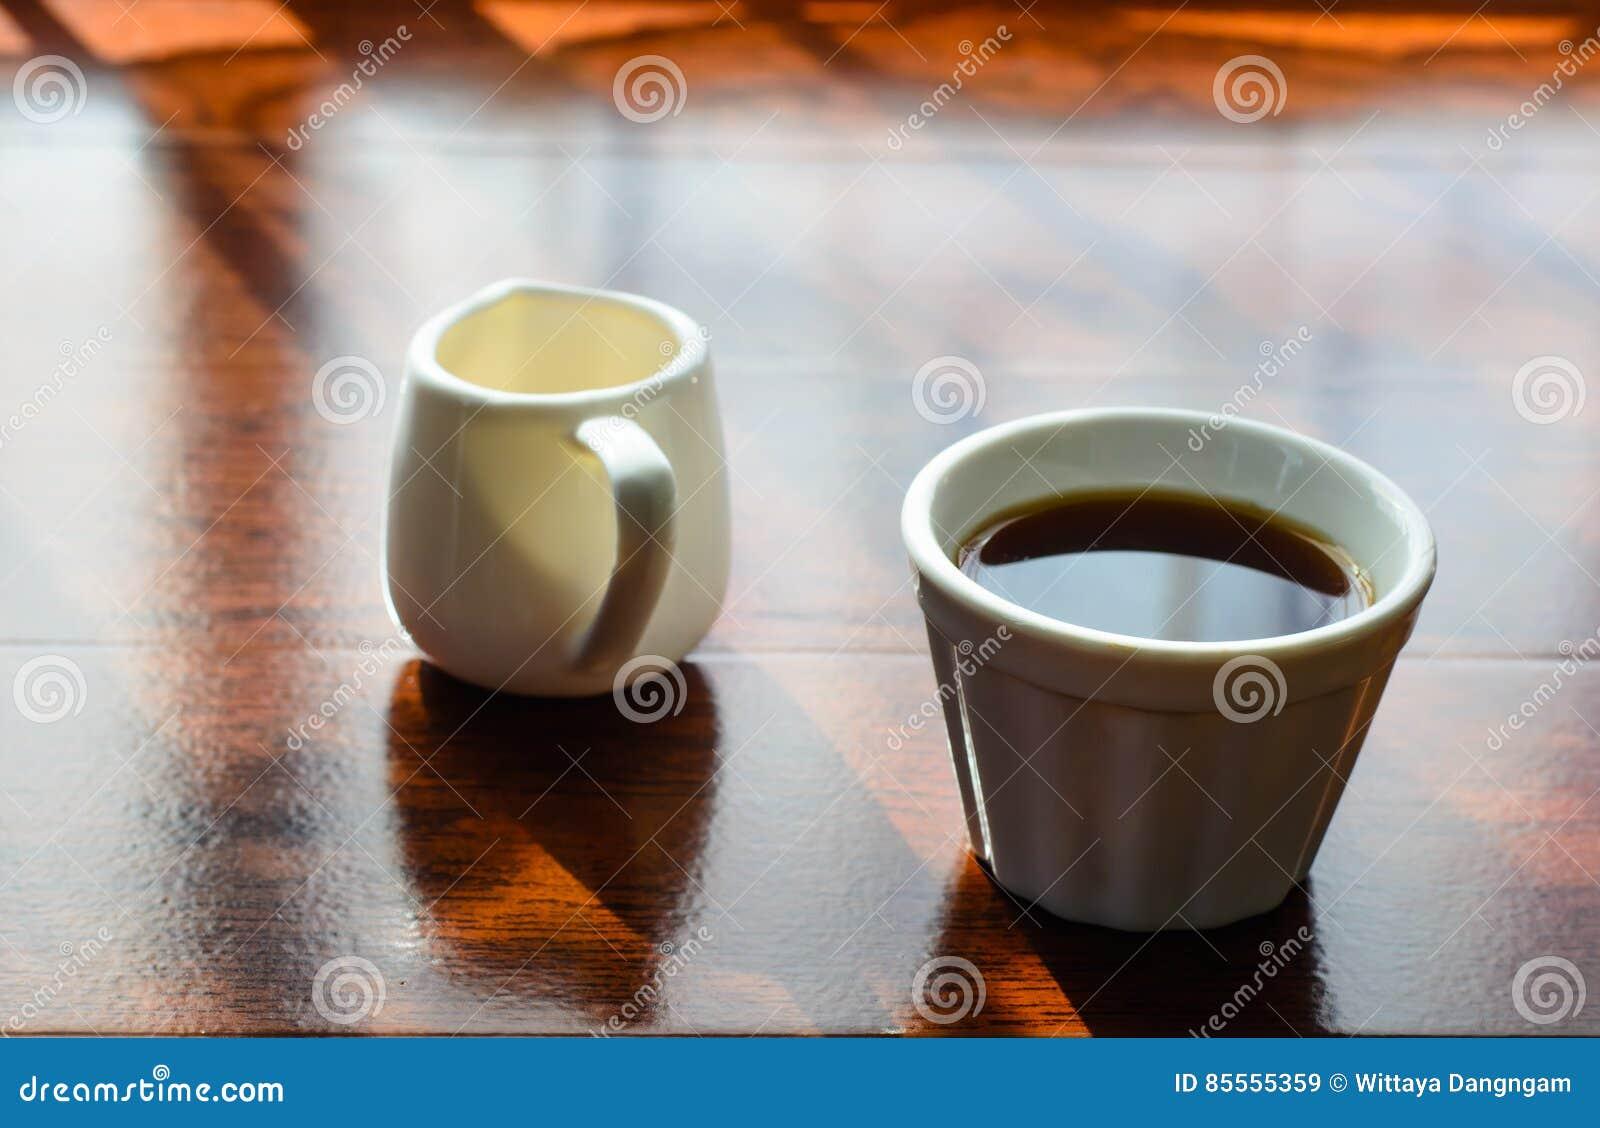 Ein Tasse Kaffee und ein Topf huney